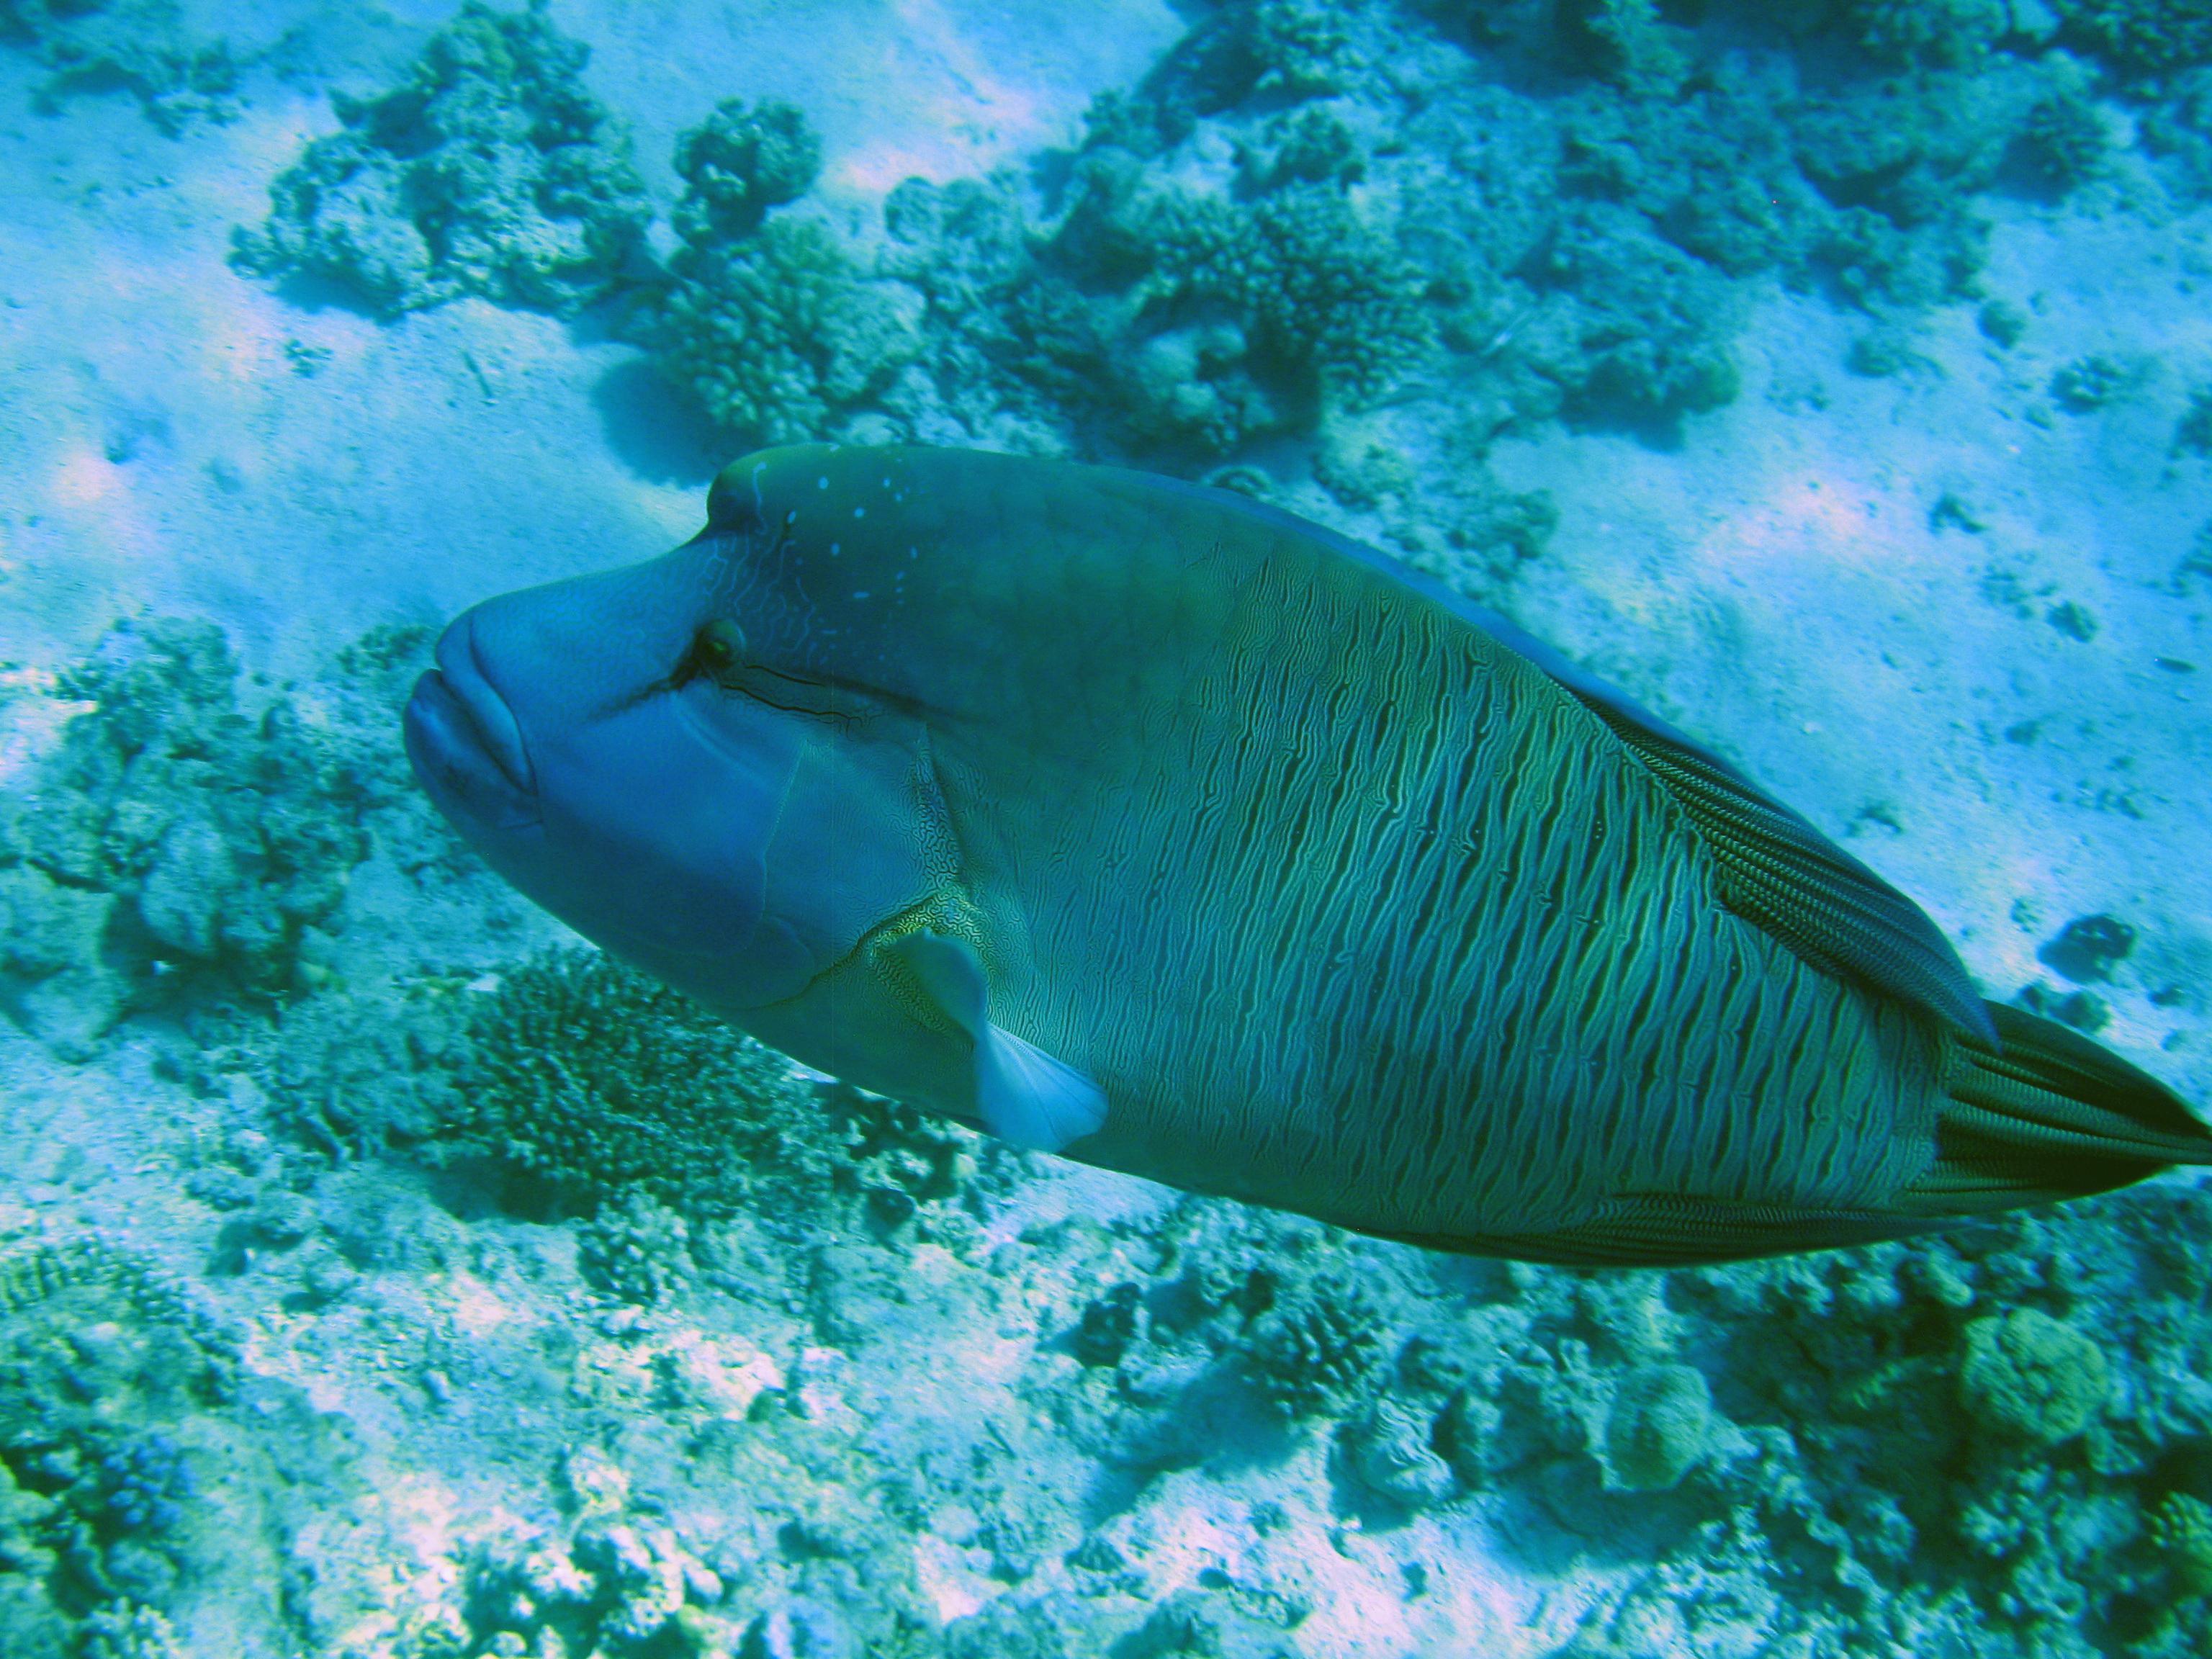 рыбы египта картинки с названиями хотя уединении